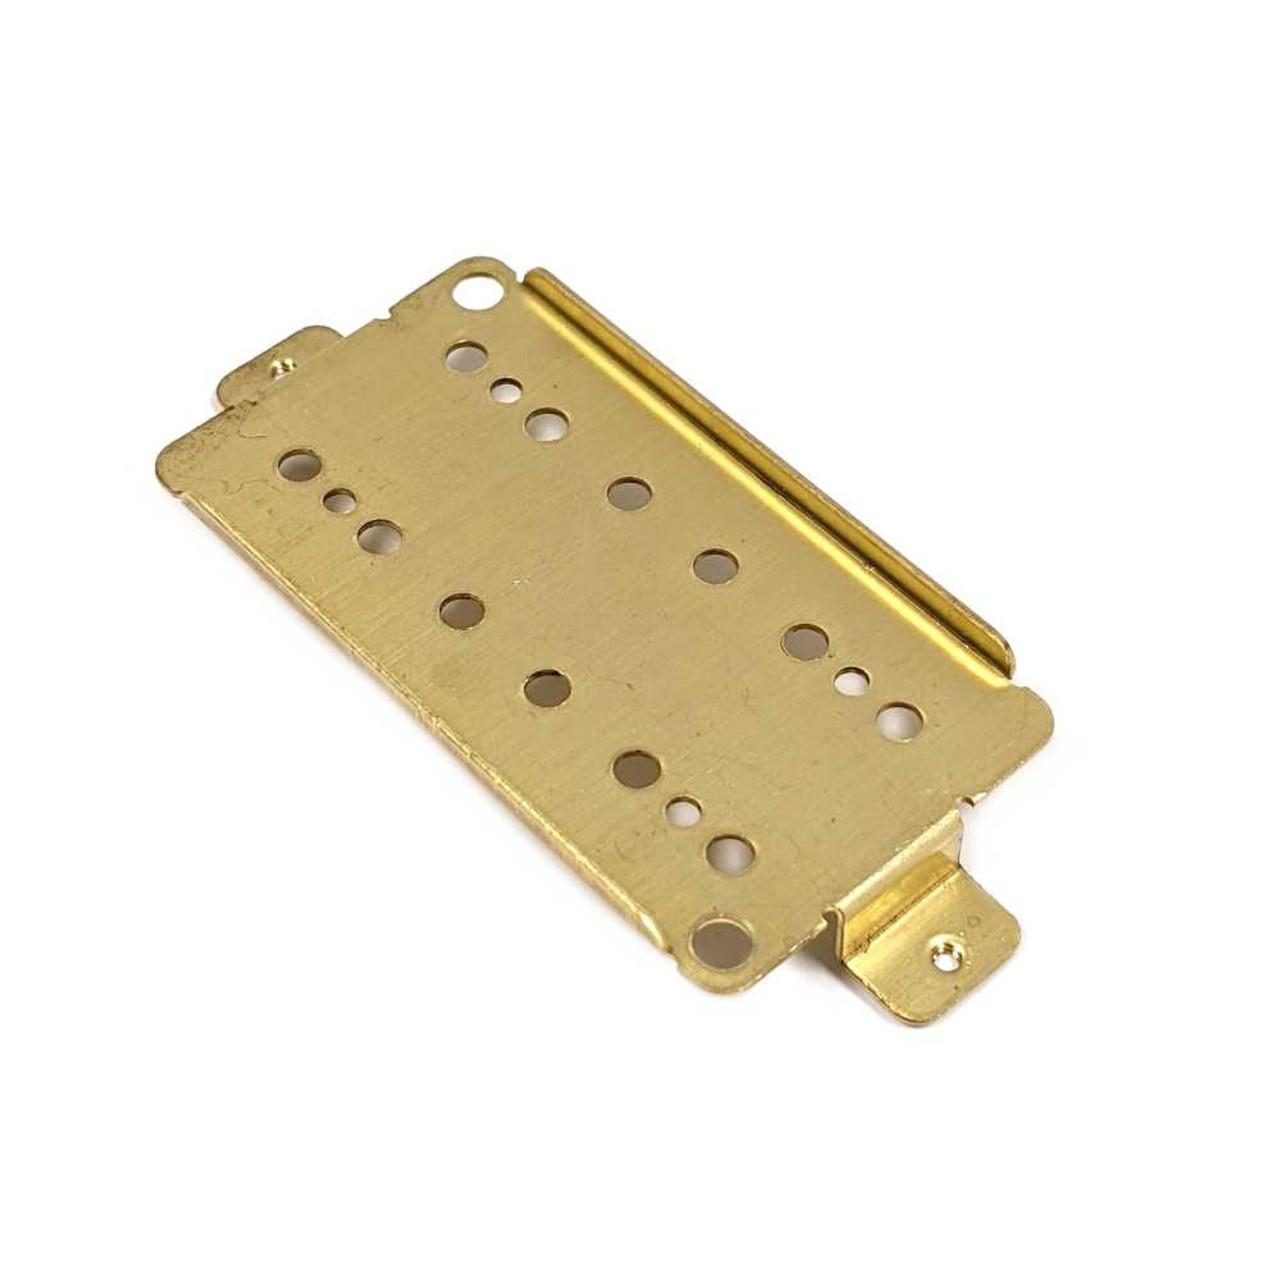 Pickup Baseplate - For Humbucker 52mm (brass)